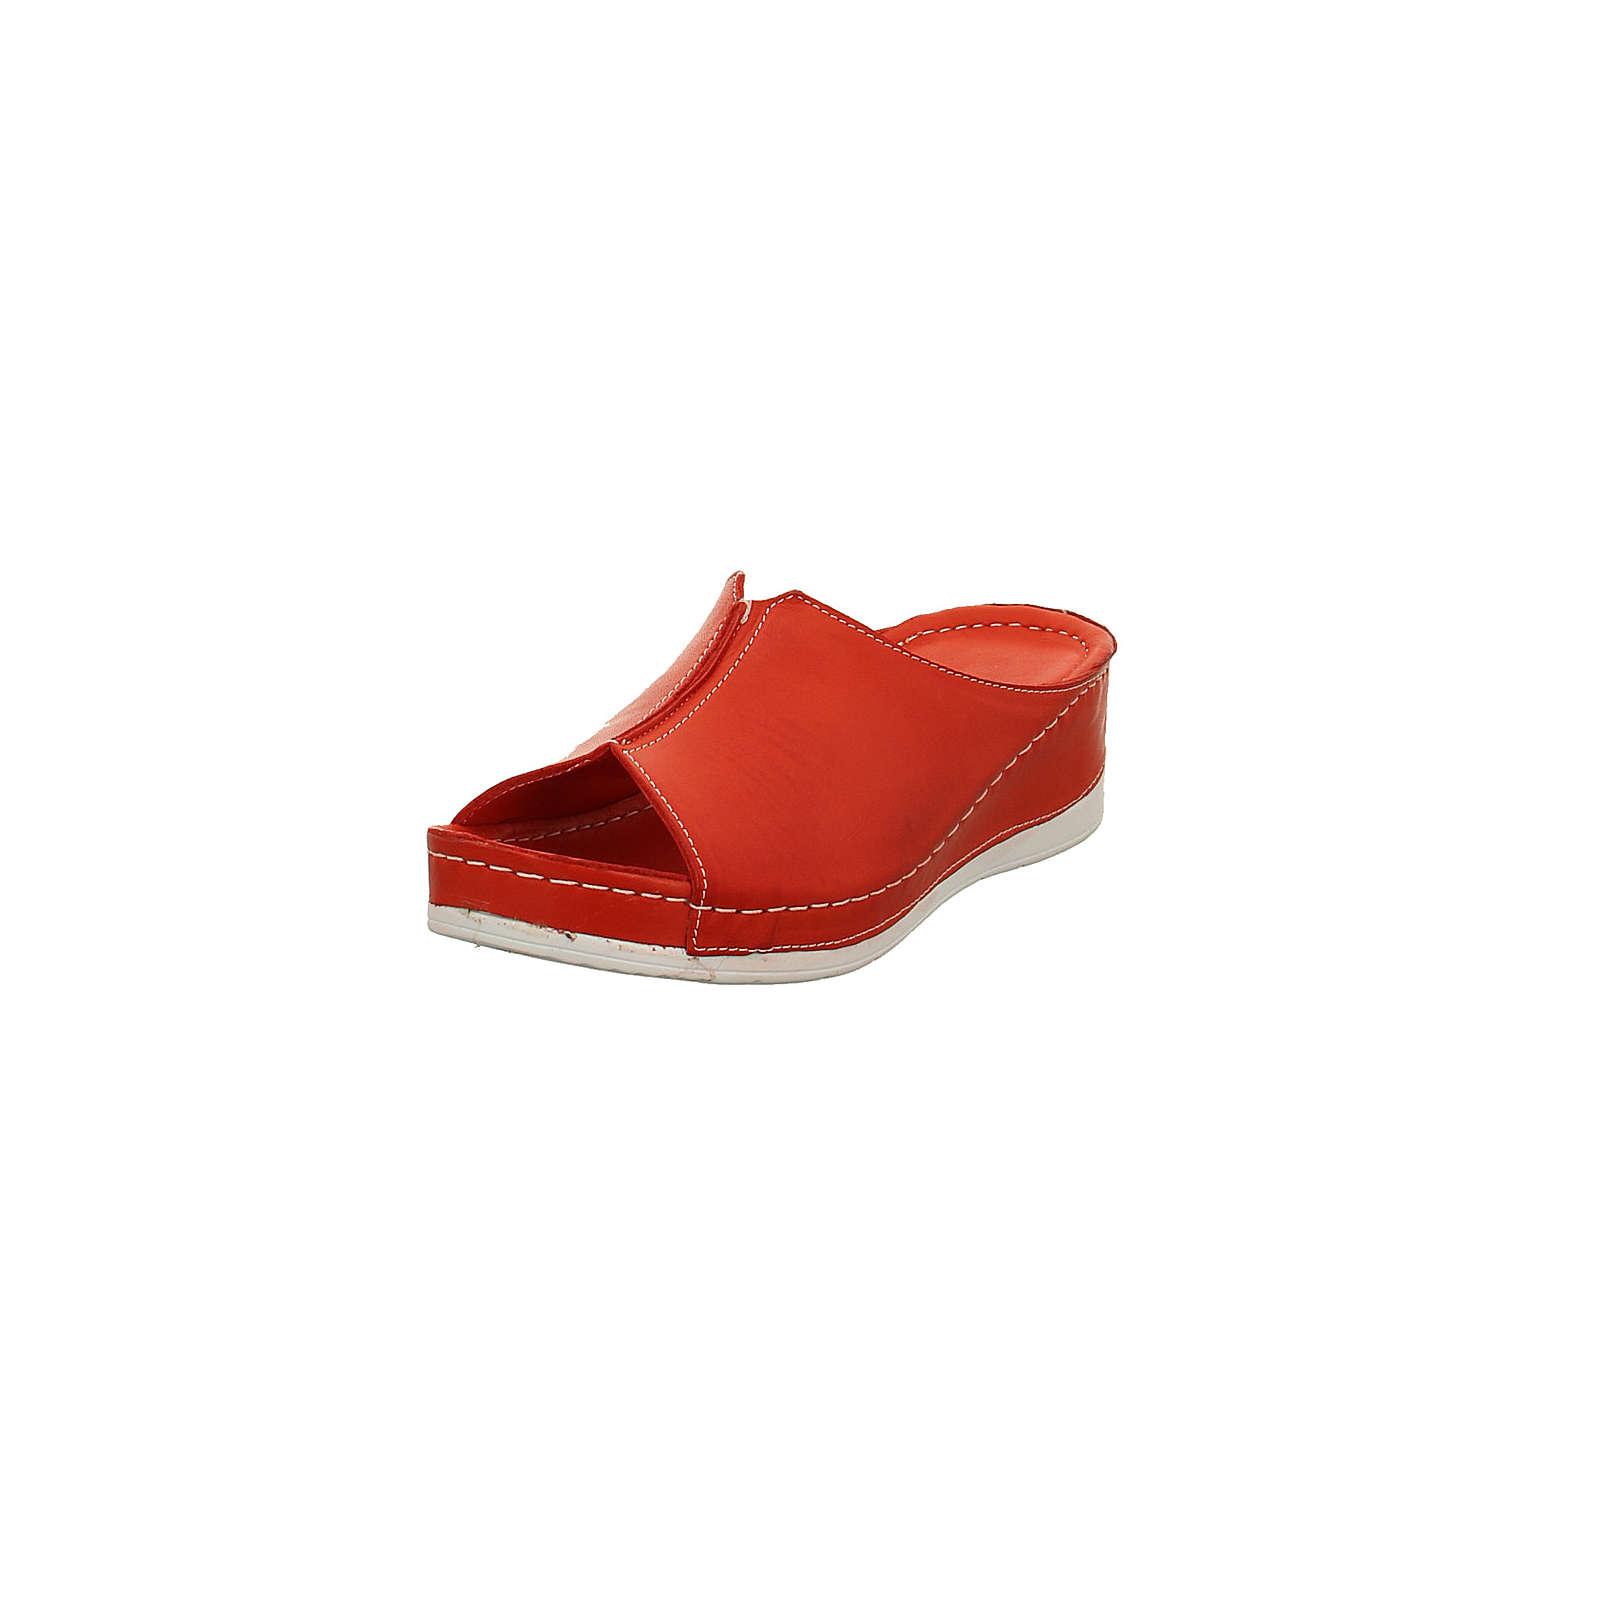 Andrea Conti Damen Pantolette – Glattleder in rot – 0027822-021 Pantoletten rot-kombi Damen Gr. 37